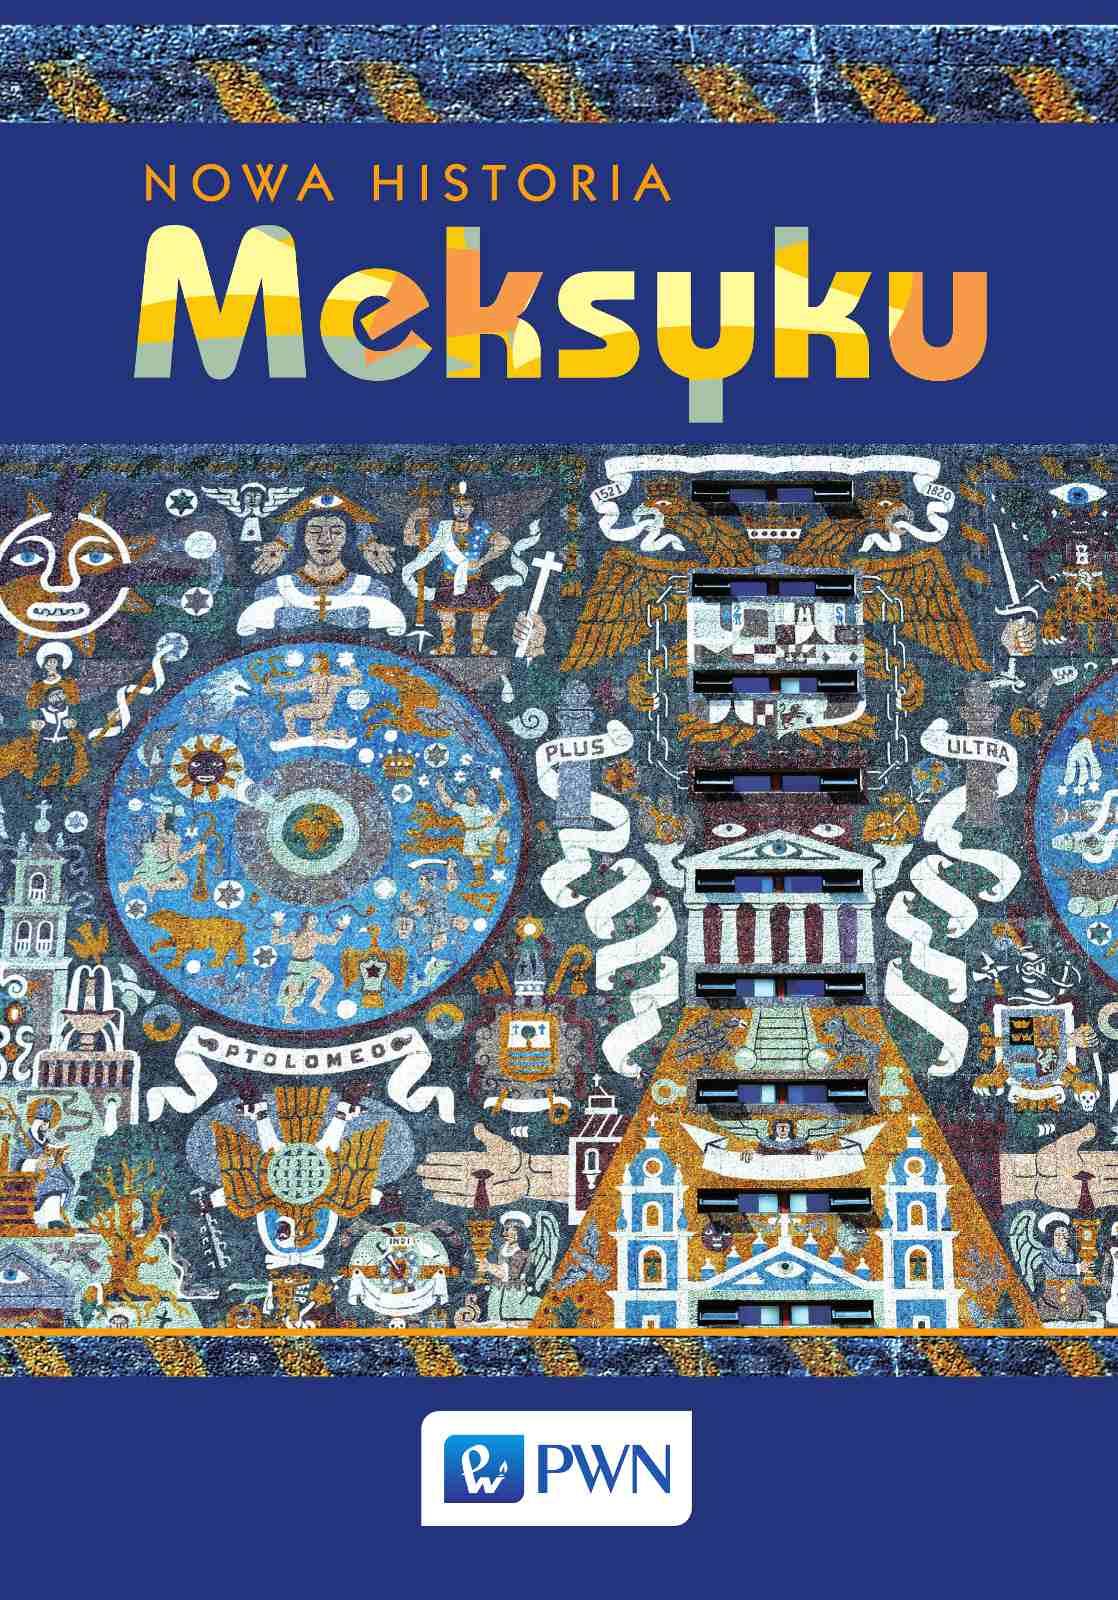 Nowa Historia Meksyku - Ebook (Książka na Kindle) do pobrania w formacie MOBI